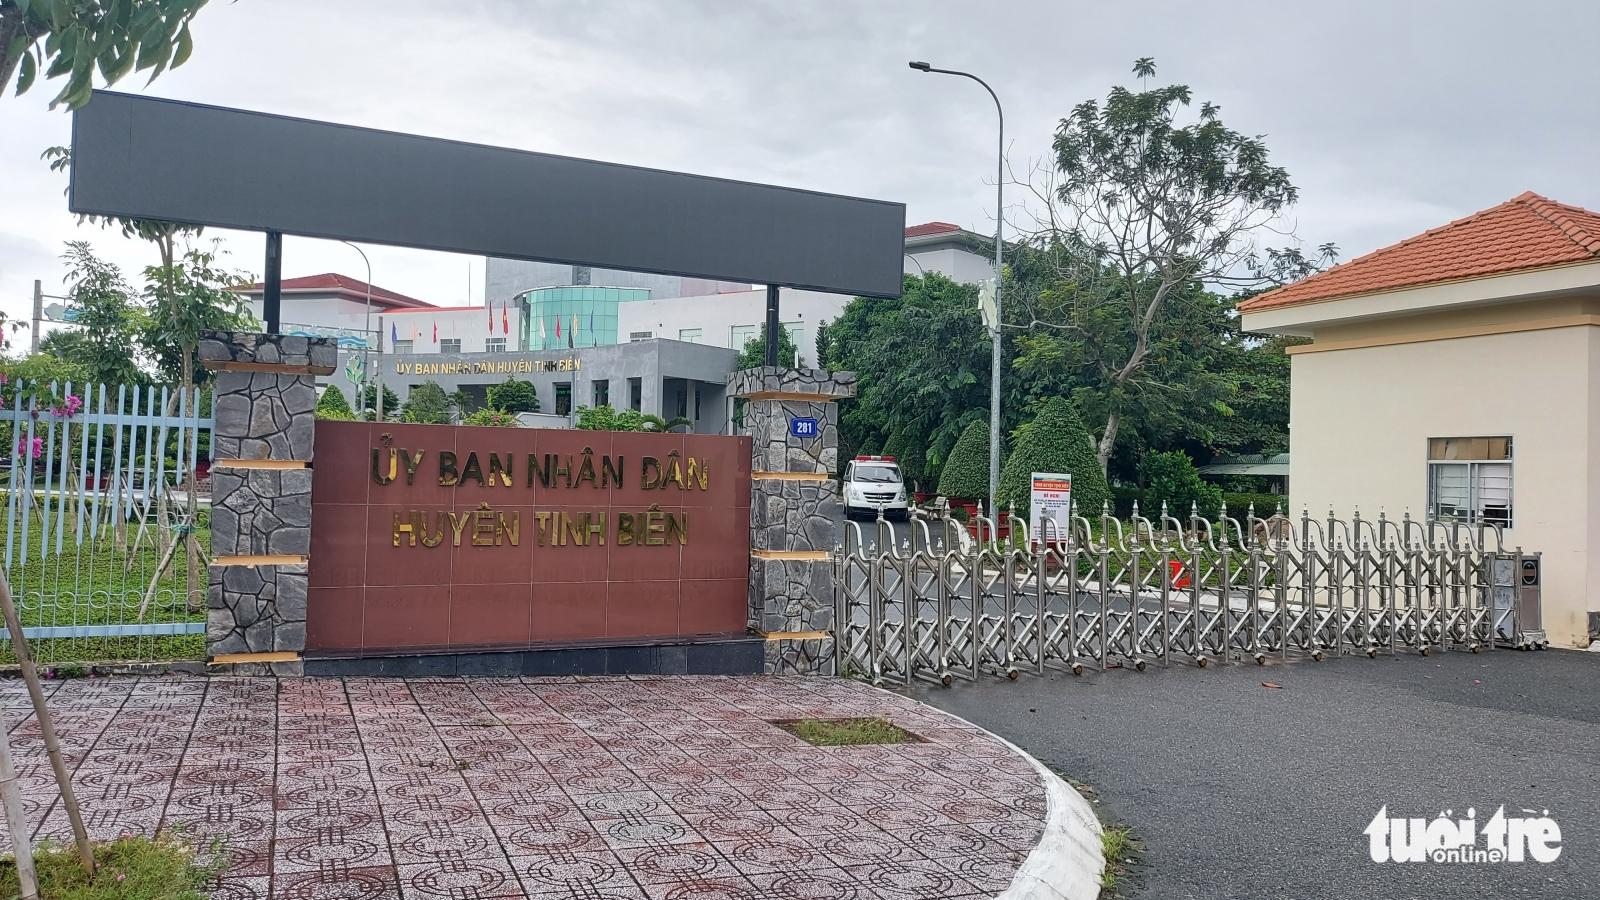 Kỷ luật cảnh cáo phó chủ tịch UBND huyện vi phạm quy định phòng, chống dịch